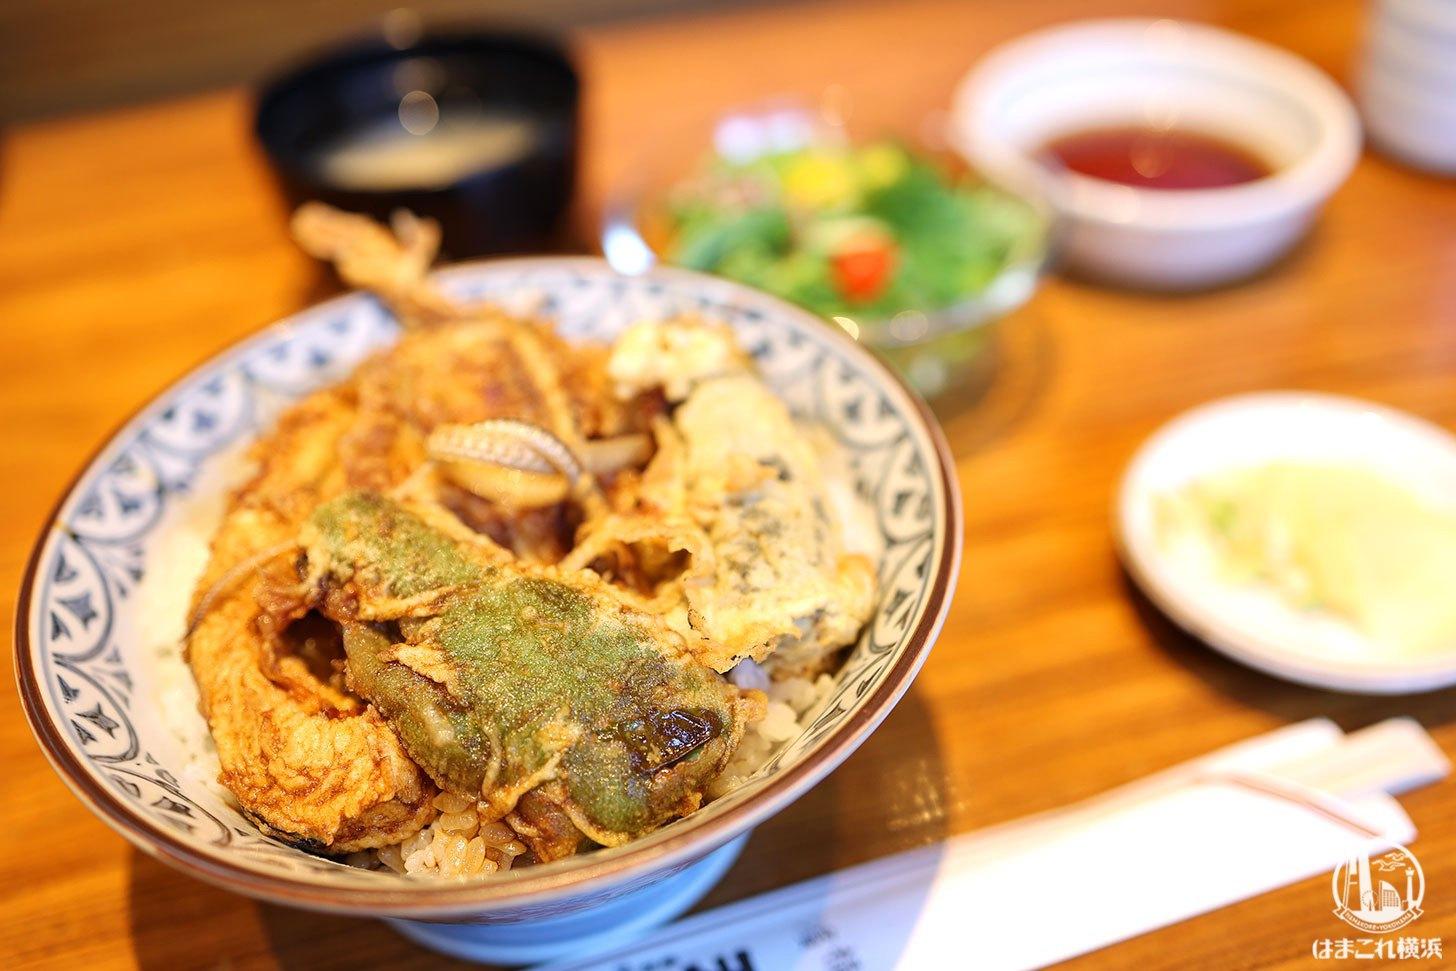 横浜老舗「天吉」で天丼とかき揚げランチ!天ぷらの名店・かき揚げは自分史上最高の旨さ